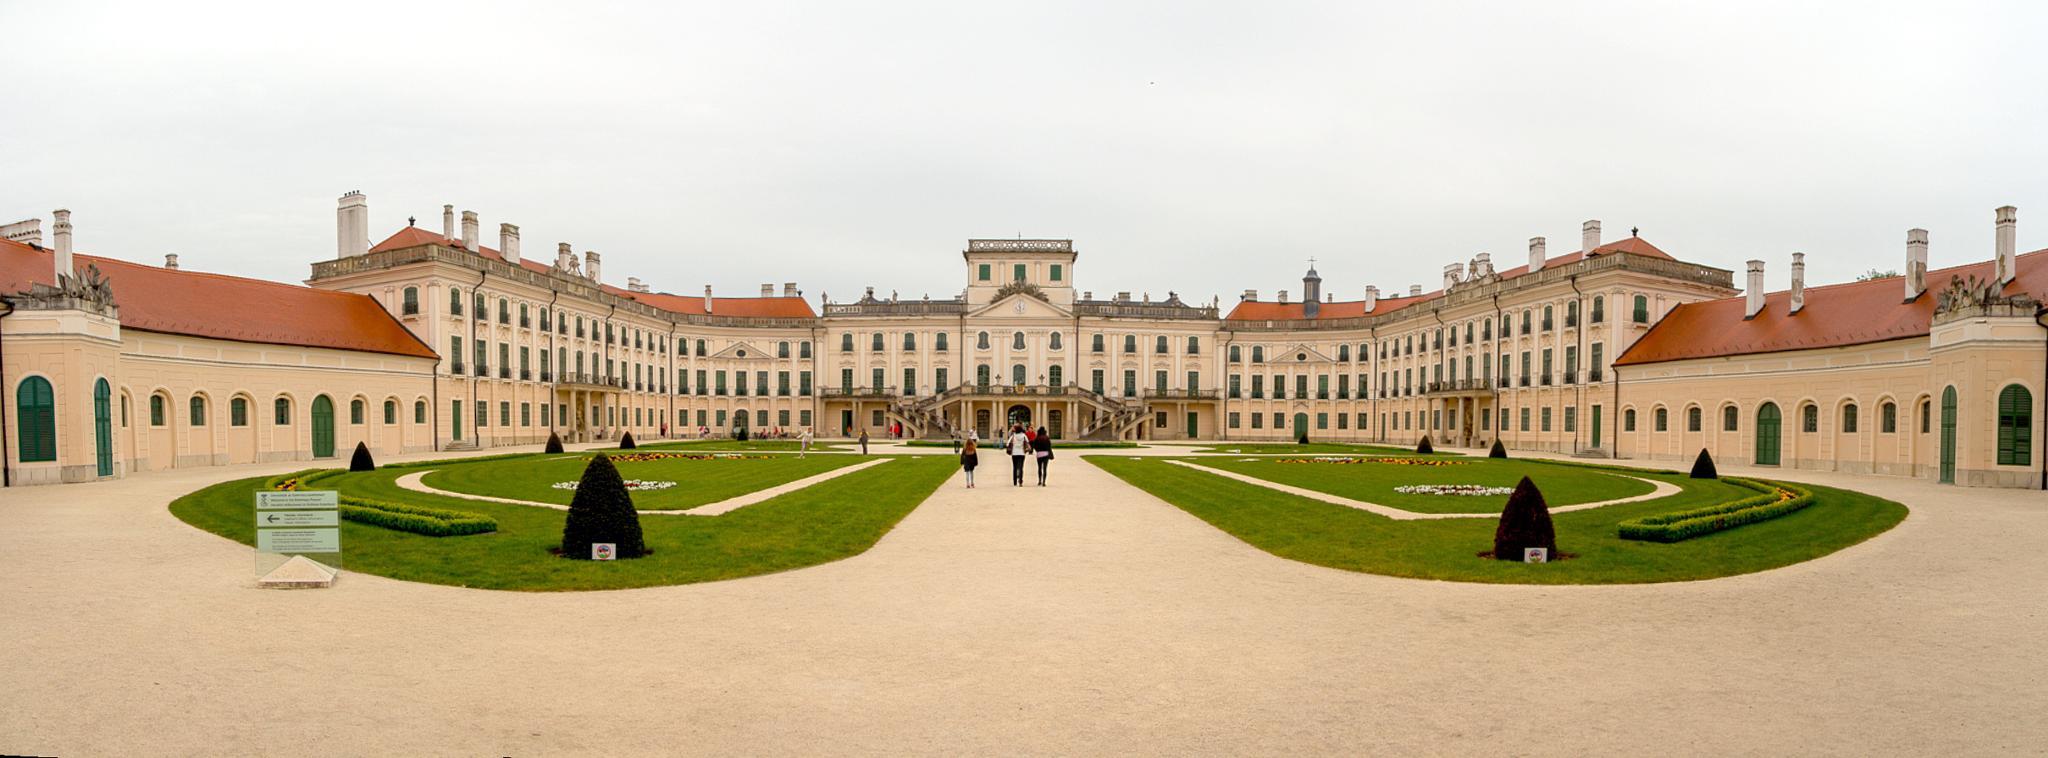 Esterházy-kastély Fertőd by Laszlo J.Kremmer